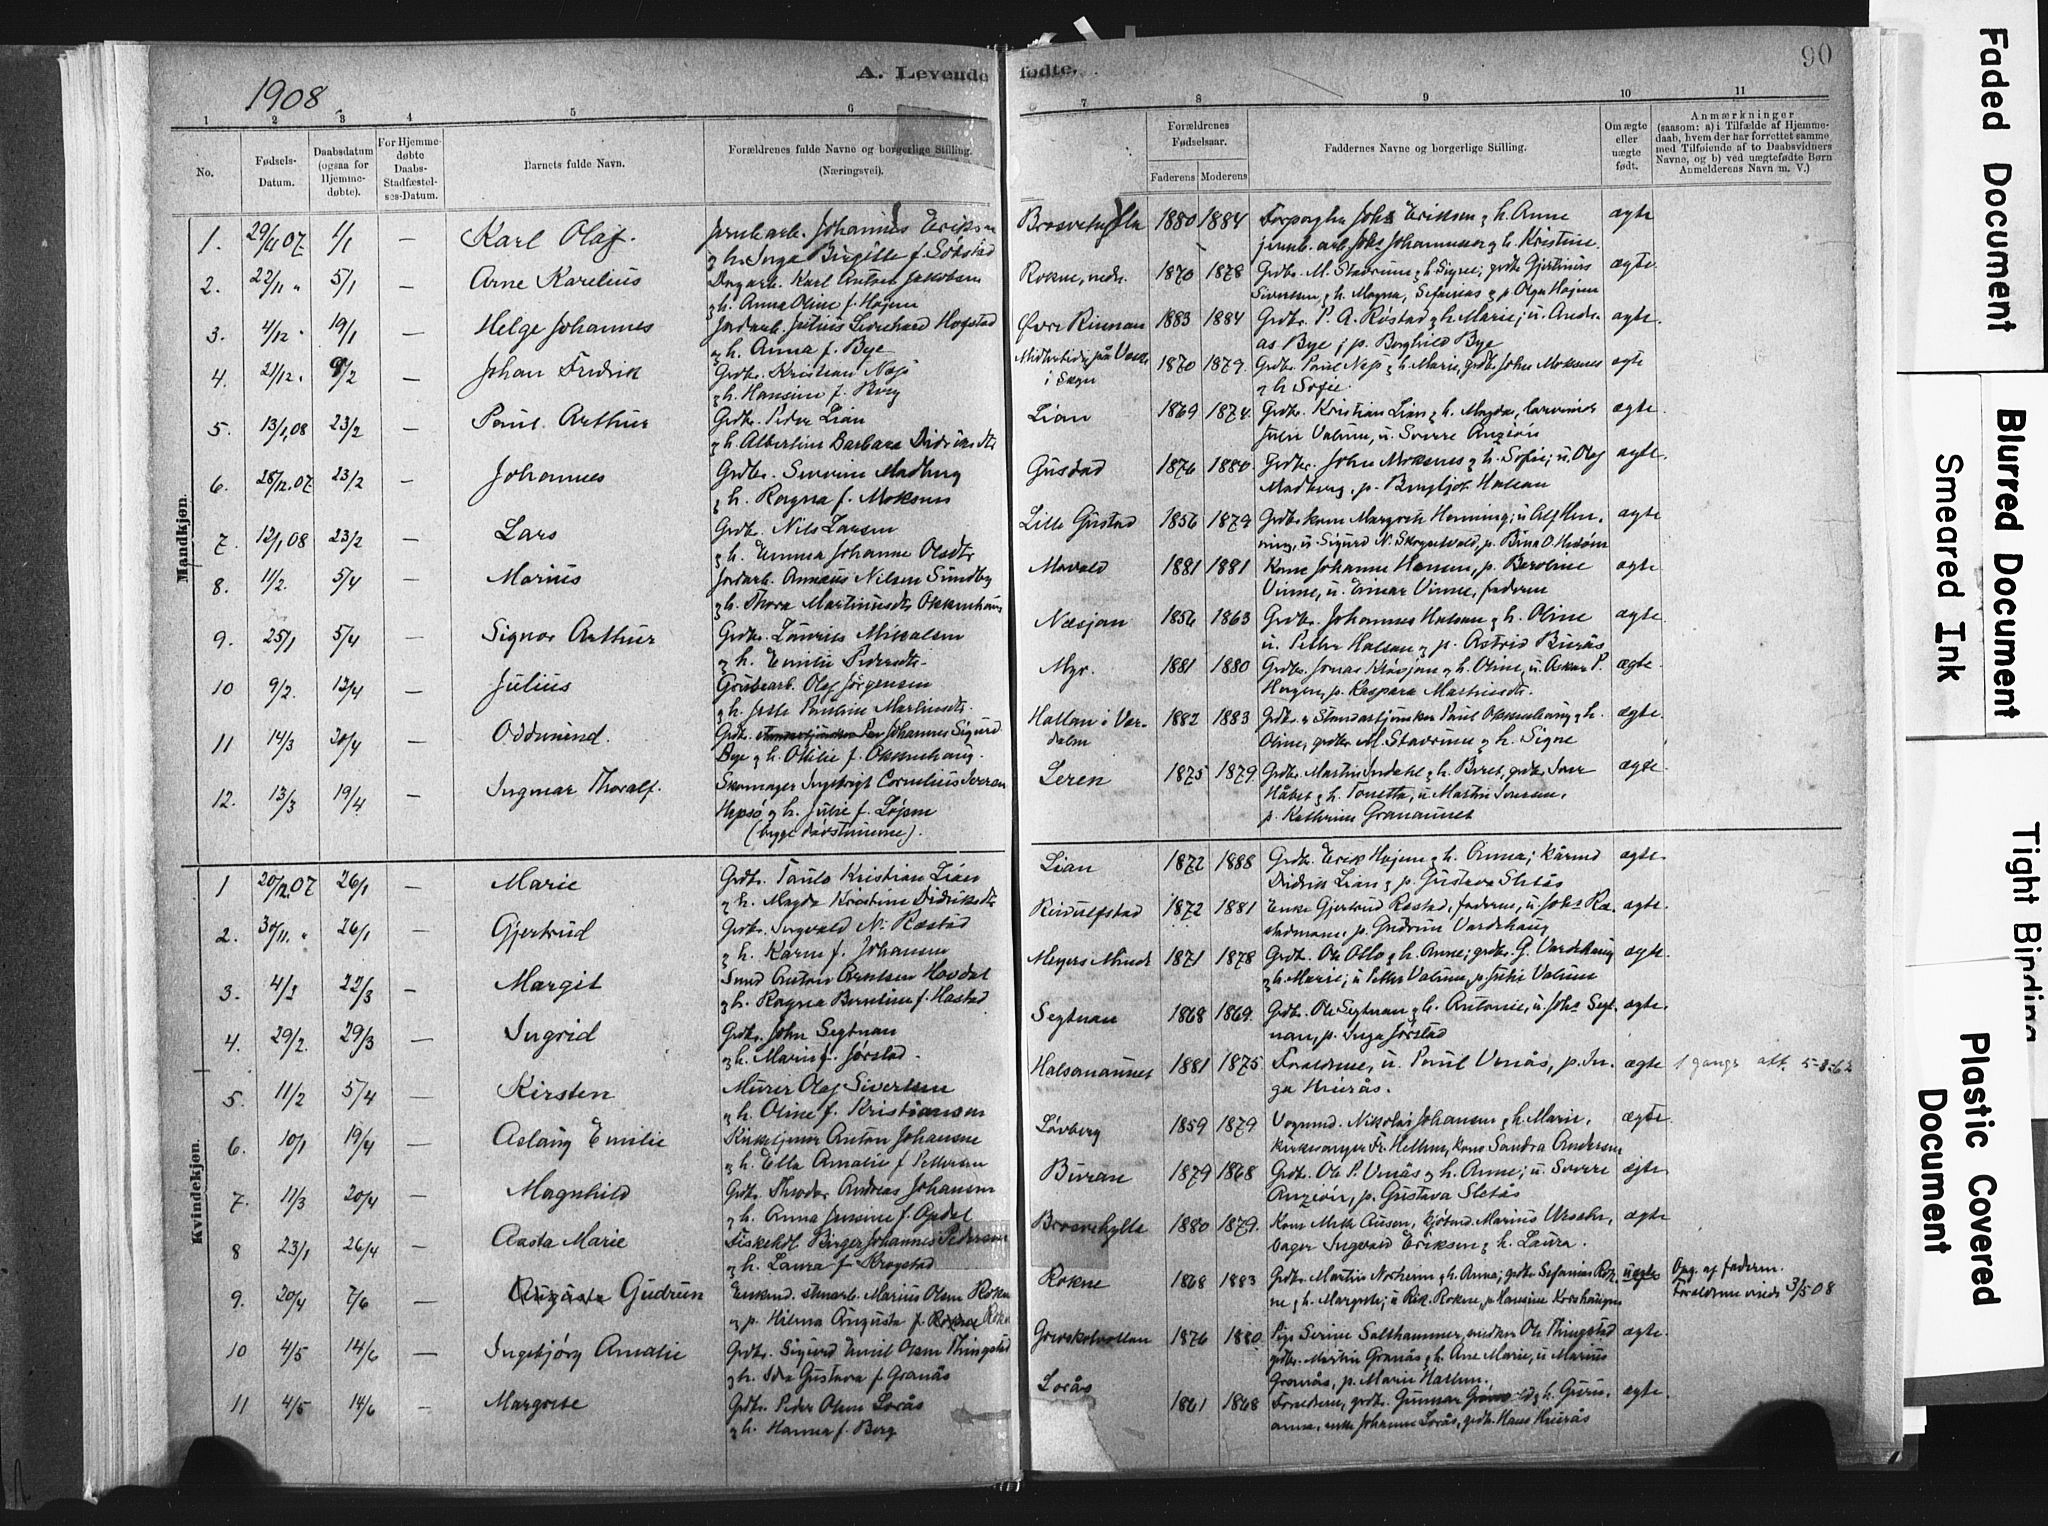 SAT, Ministerialprotokoller, klokkerbøker og fødselsregistre - Nord-Trøndelag, 721/L0207: Ministerialbok nr. 721A02, 1880-1911, s. 90